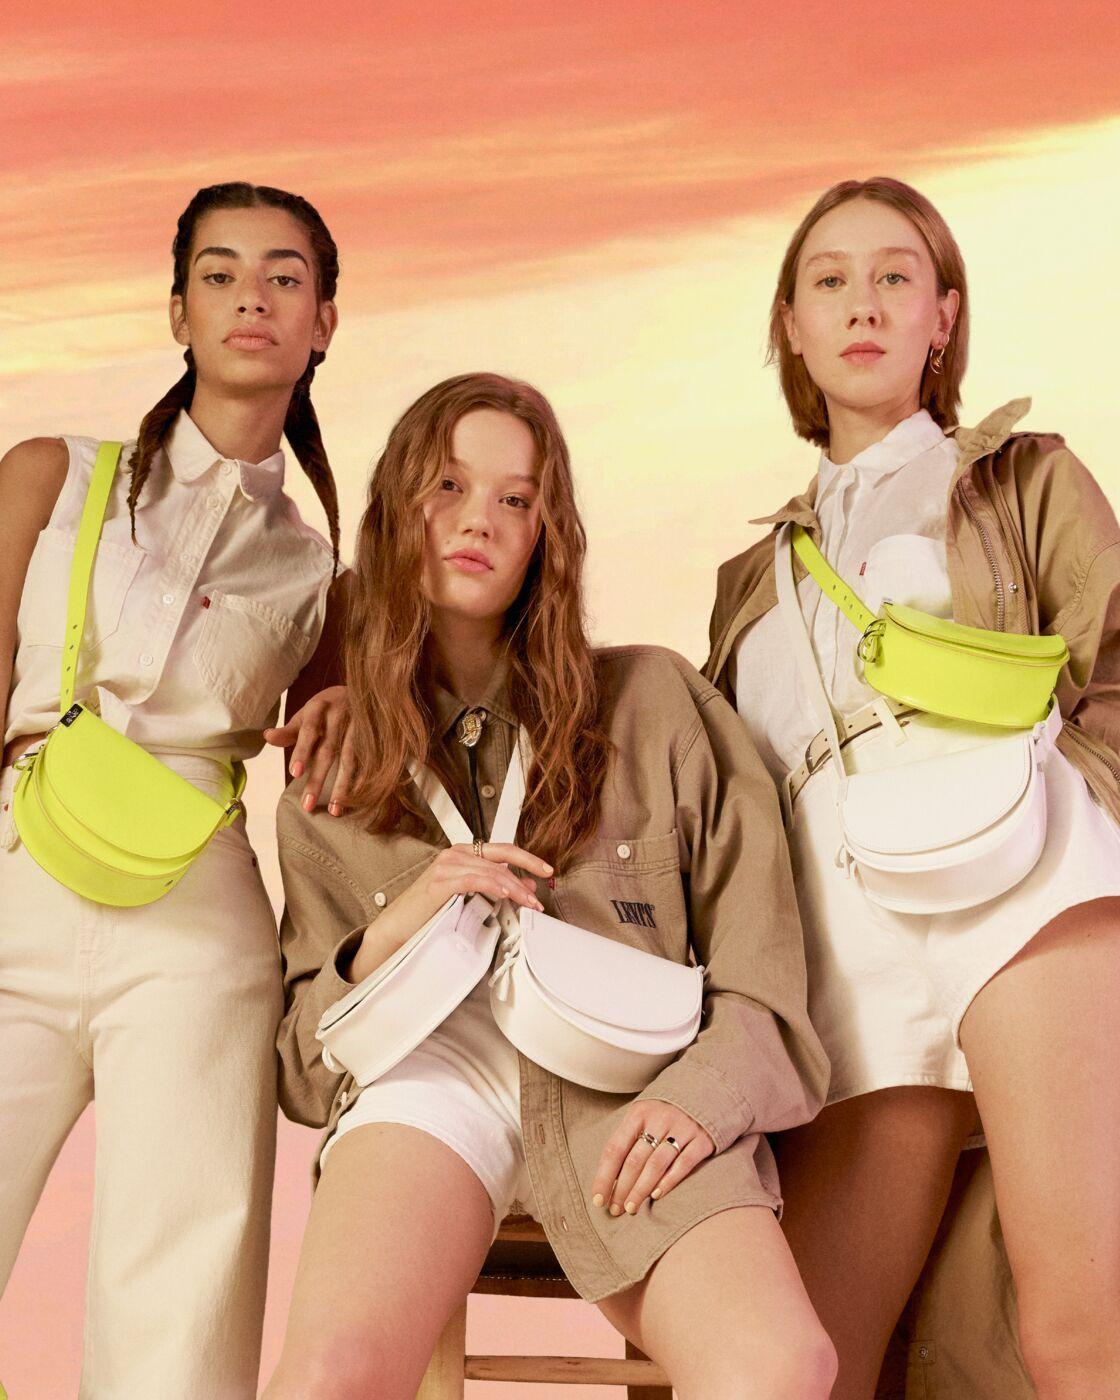 Le sportswear inspire aussi avec des couleurs néon et le grand retour de la banane !